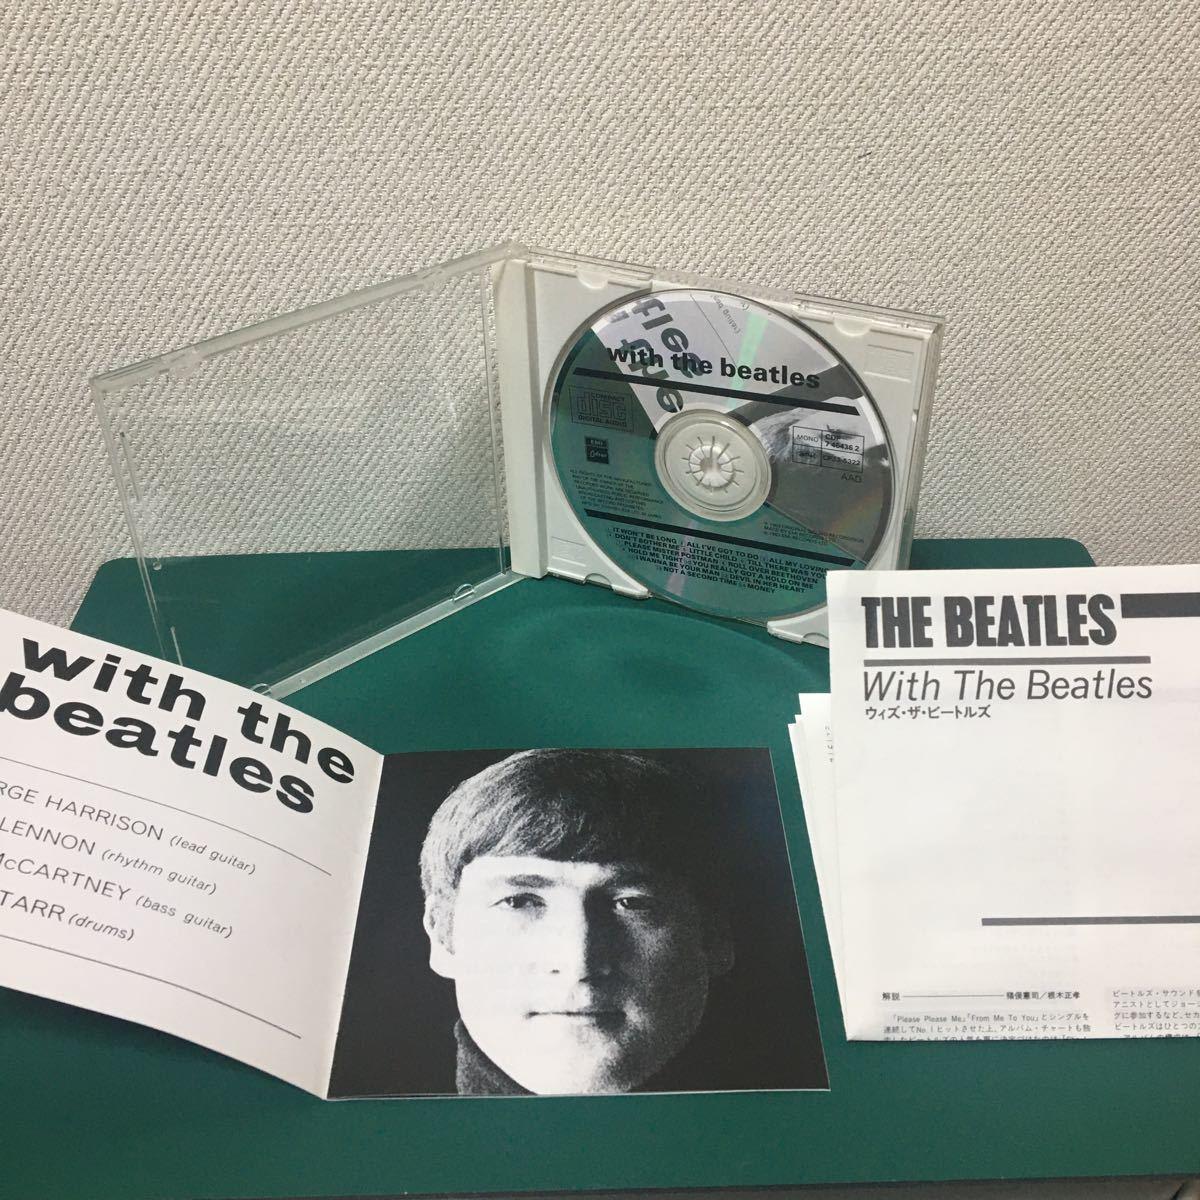 ウィズ・ザ・ビートルズ ザ・ビートルズ WITH THE BEATLES THE BEATLES